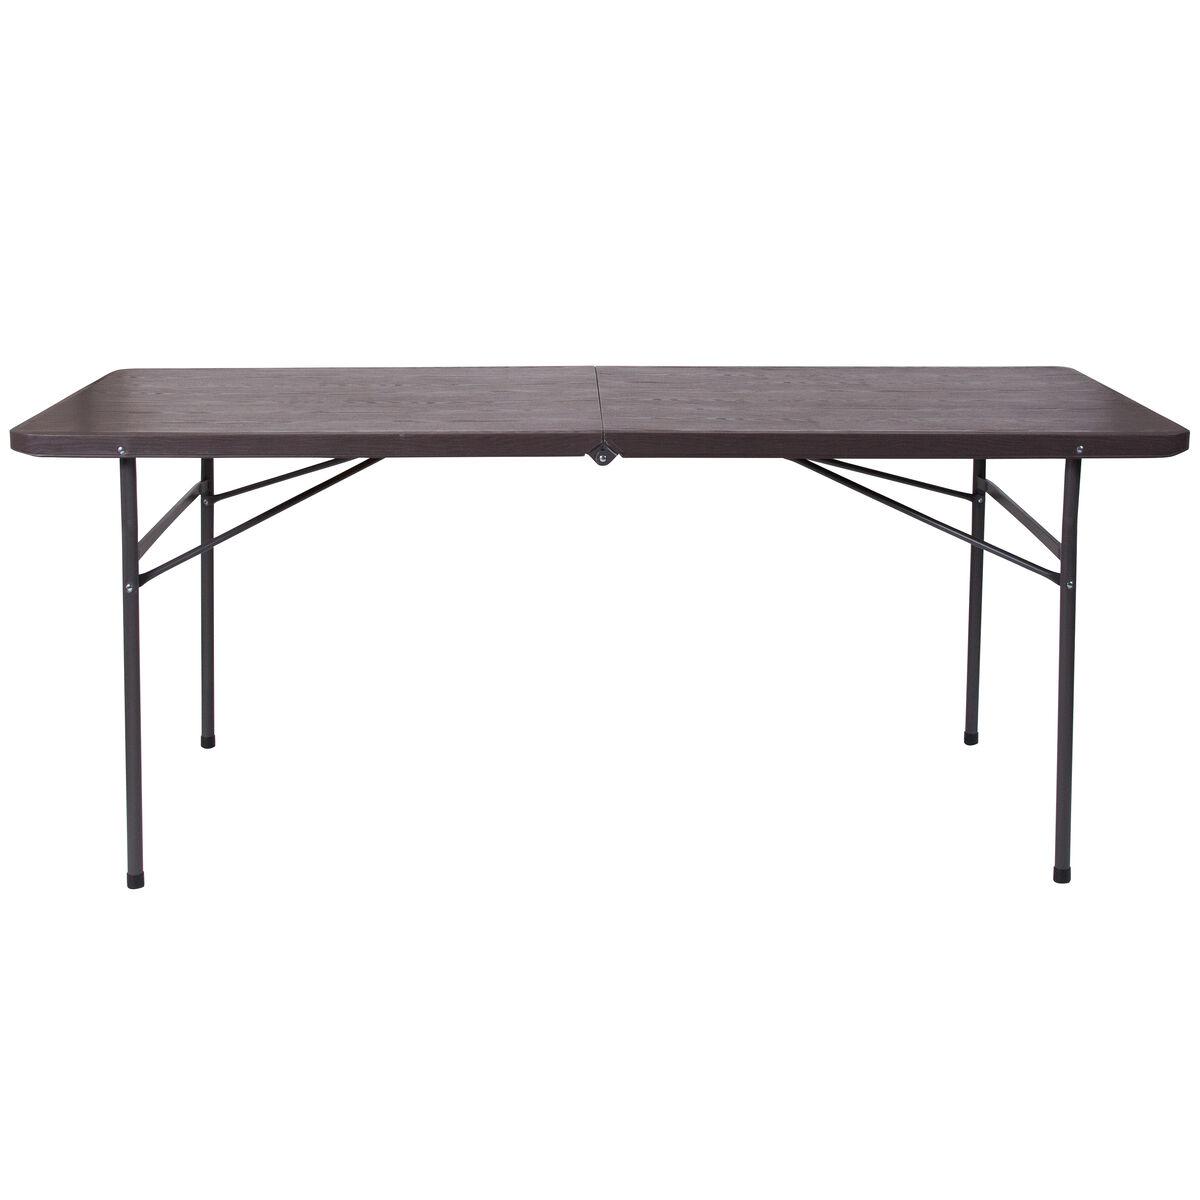 30x72 brown plastic fold table dad lf 183z gg bizchair com